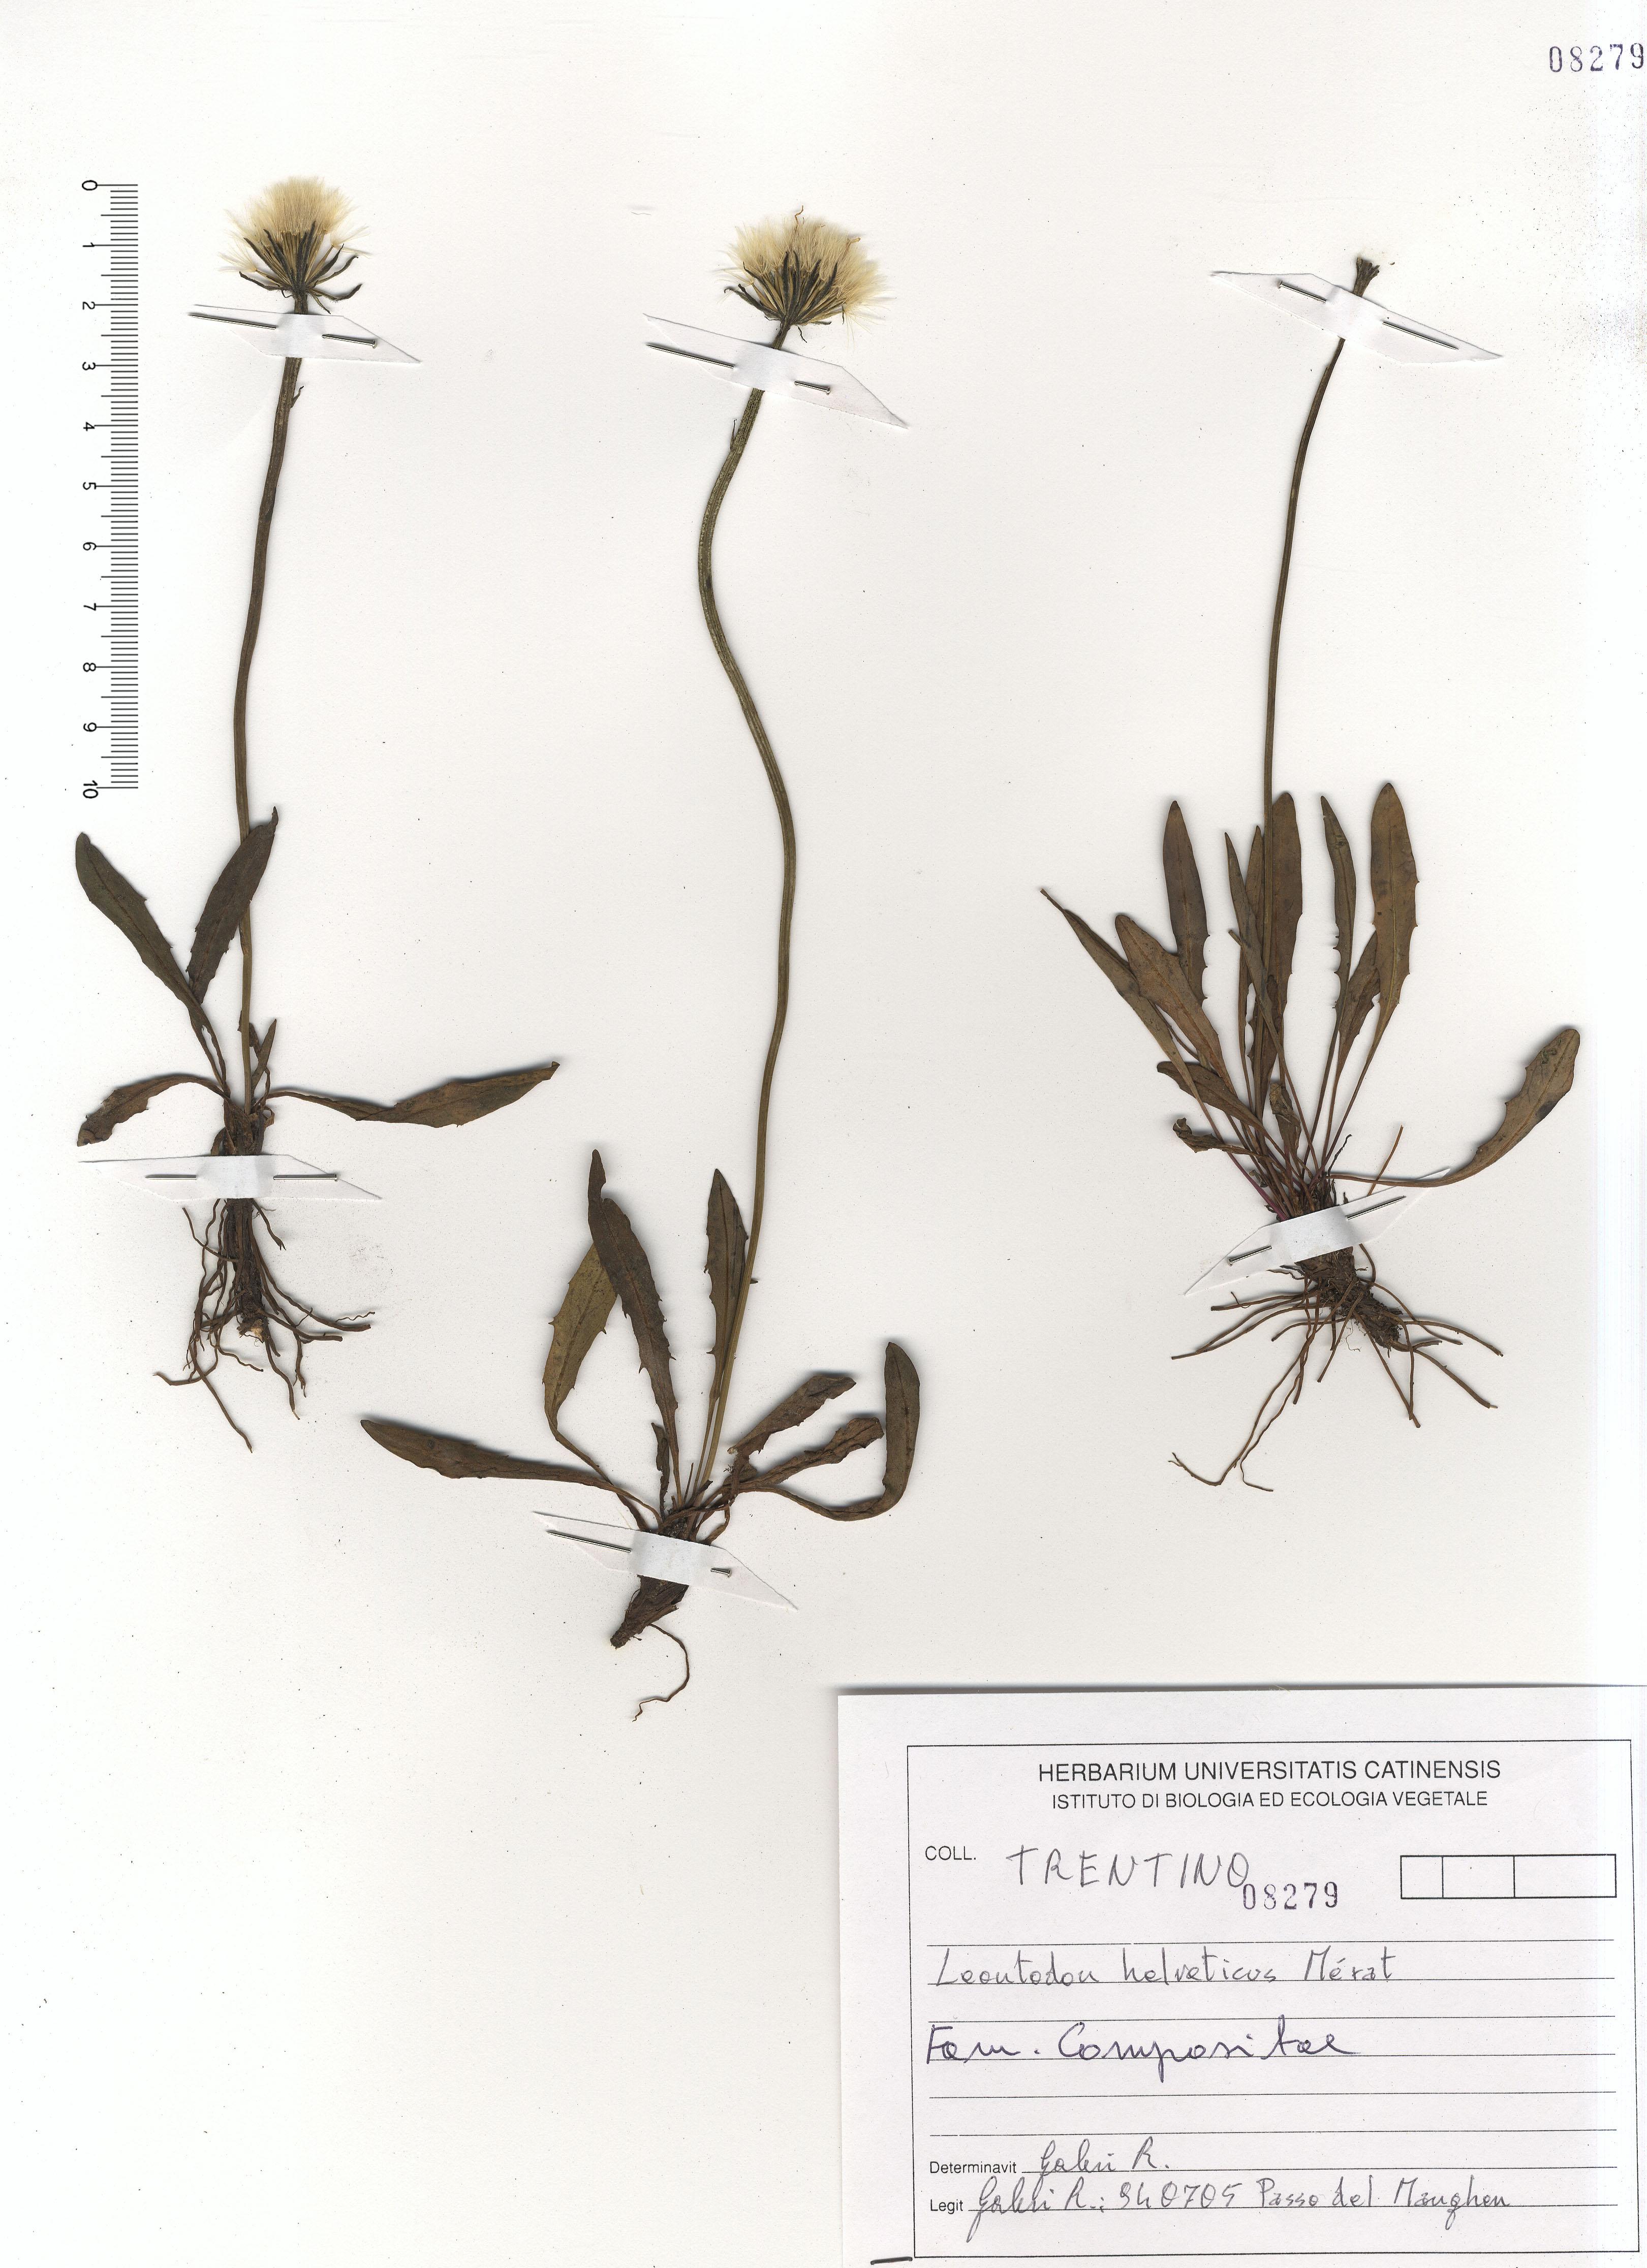 © Hortus Botanicus Catinensis - Herb. sheet 108279<br>